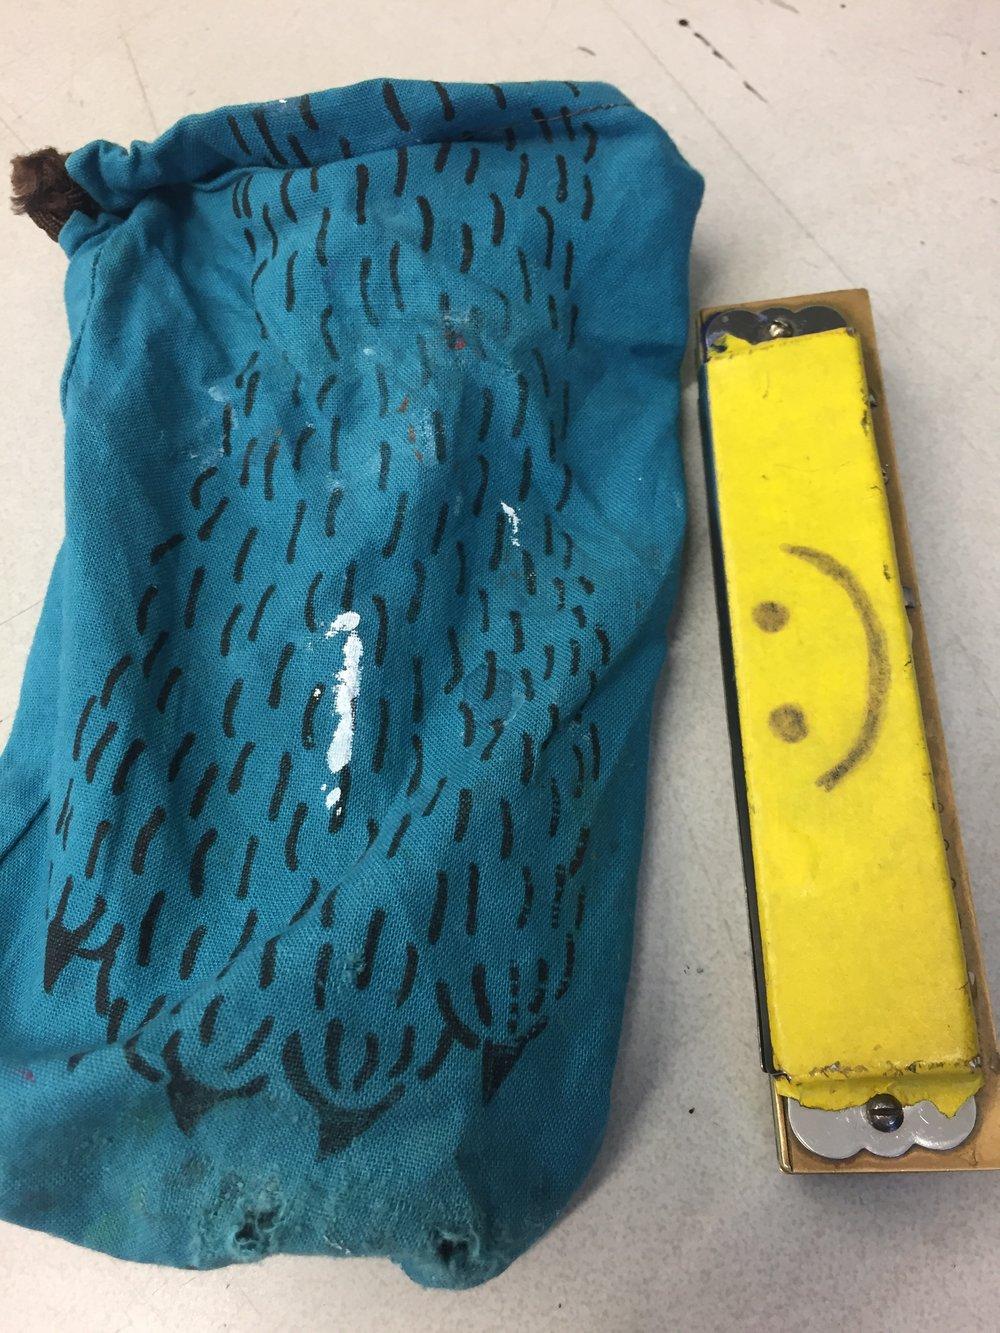 The harmonica pocket, from UTTOKO, got holes on the bottom since I often keep scissors as well. I need to fix the bottom when I have some time. 東京の美大時代の古い友人愛ちゃんのオリジナル手作りバッグブランド UTTOKOの茶巾袋をハーモニカポケットに使っています。ハサミも一緒に入れることが多いので、底に穴が開いてしまいましたが、ここまで使うと愛着いっぱいなので、時間がある時に補強しよう。